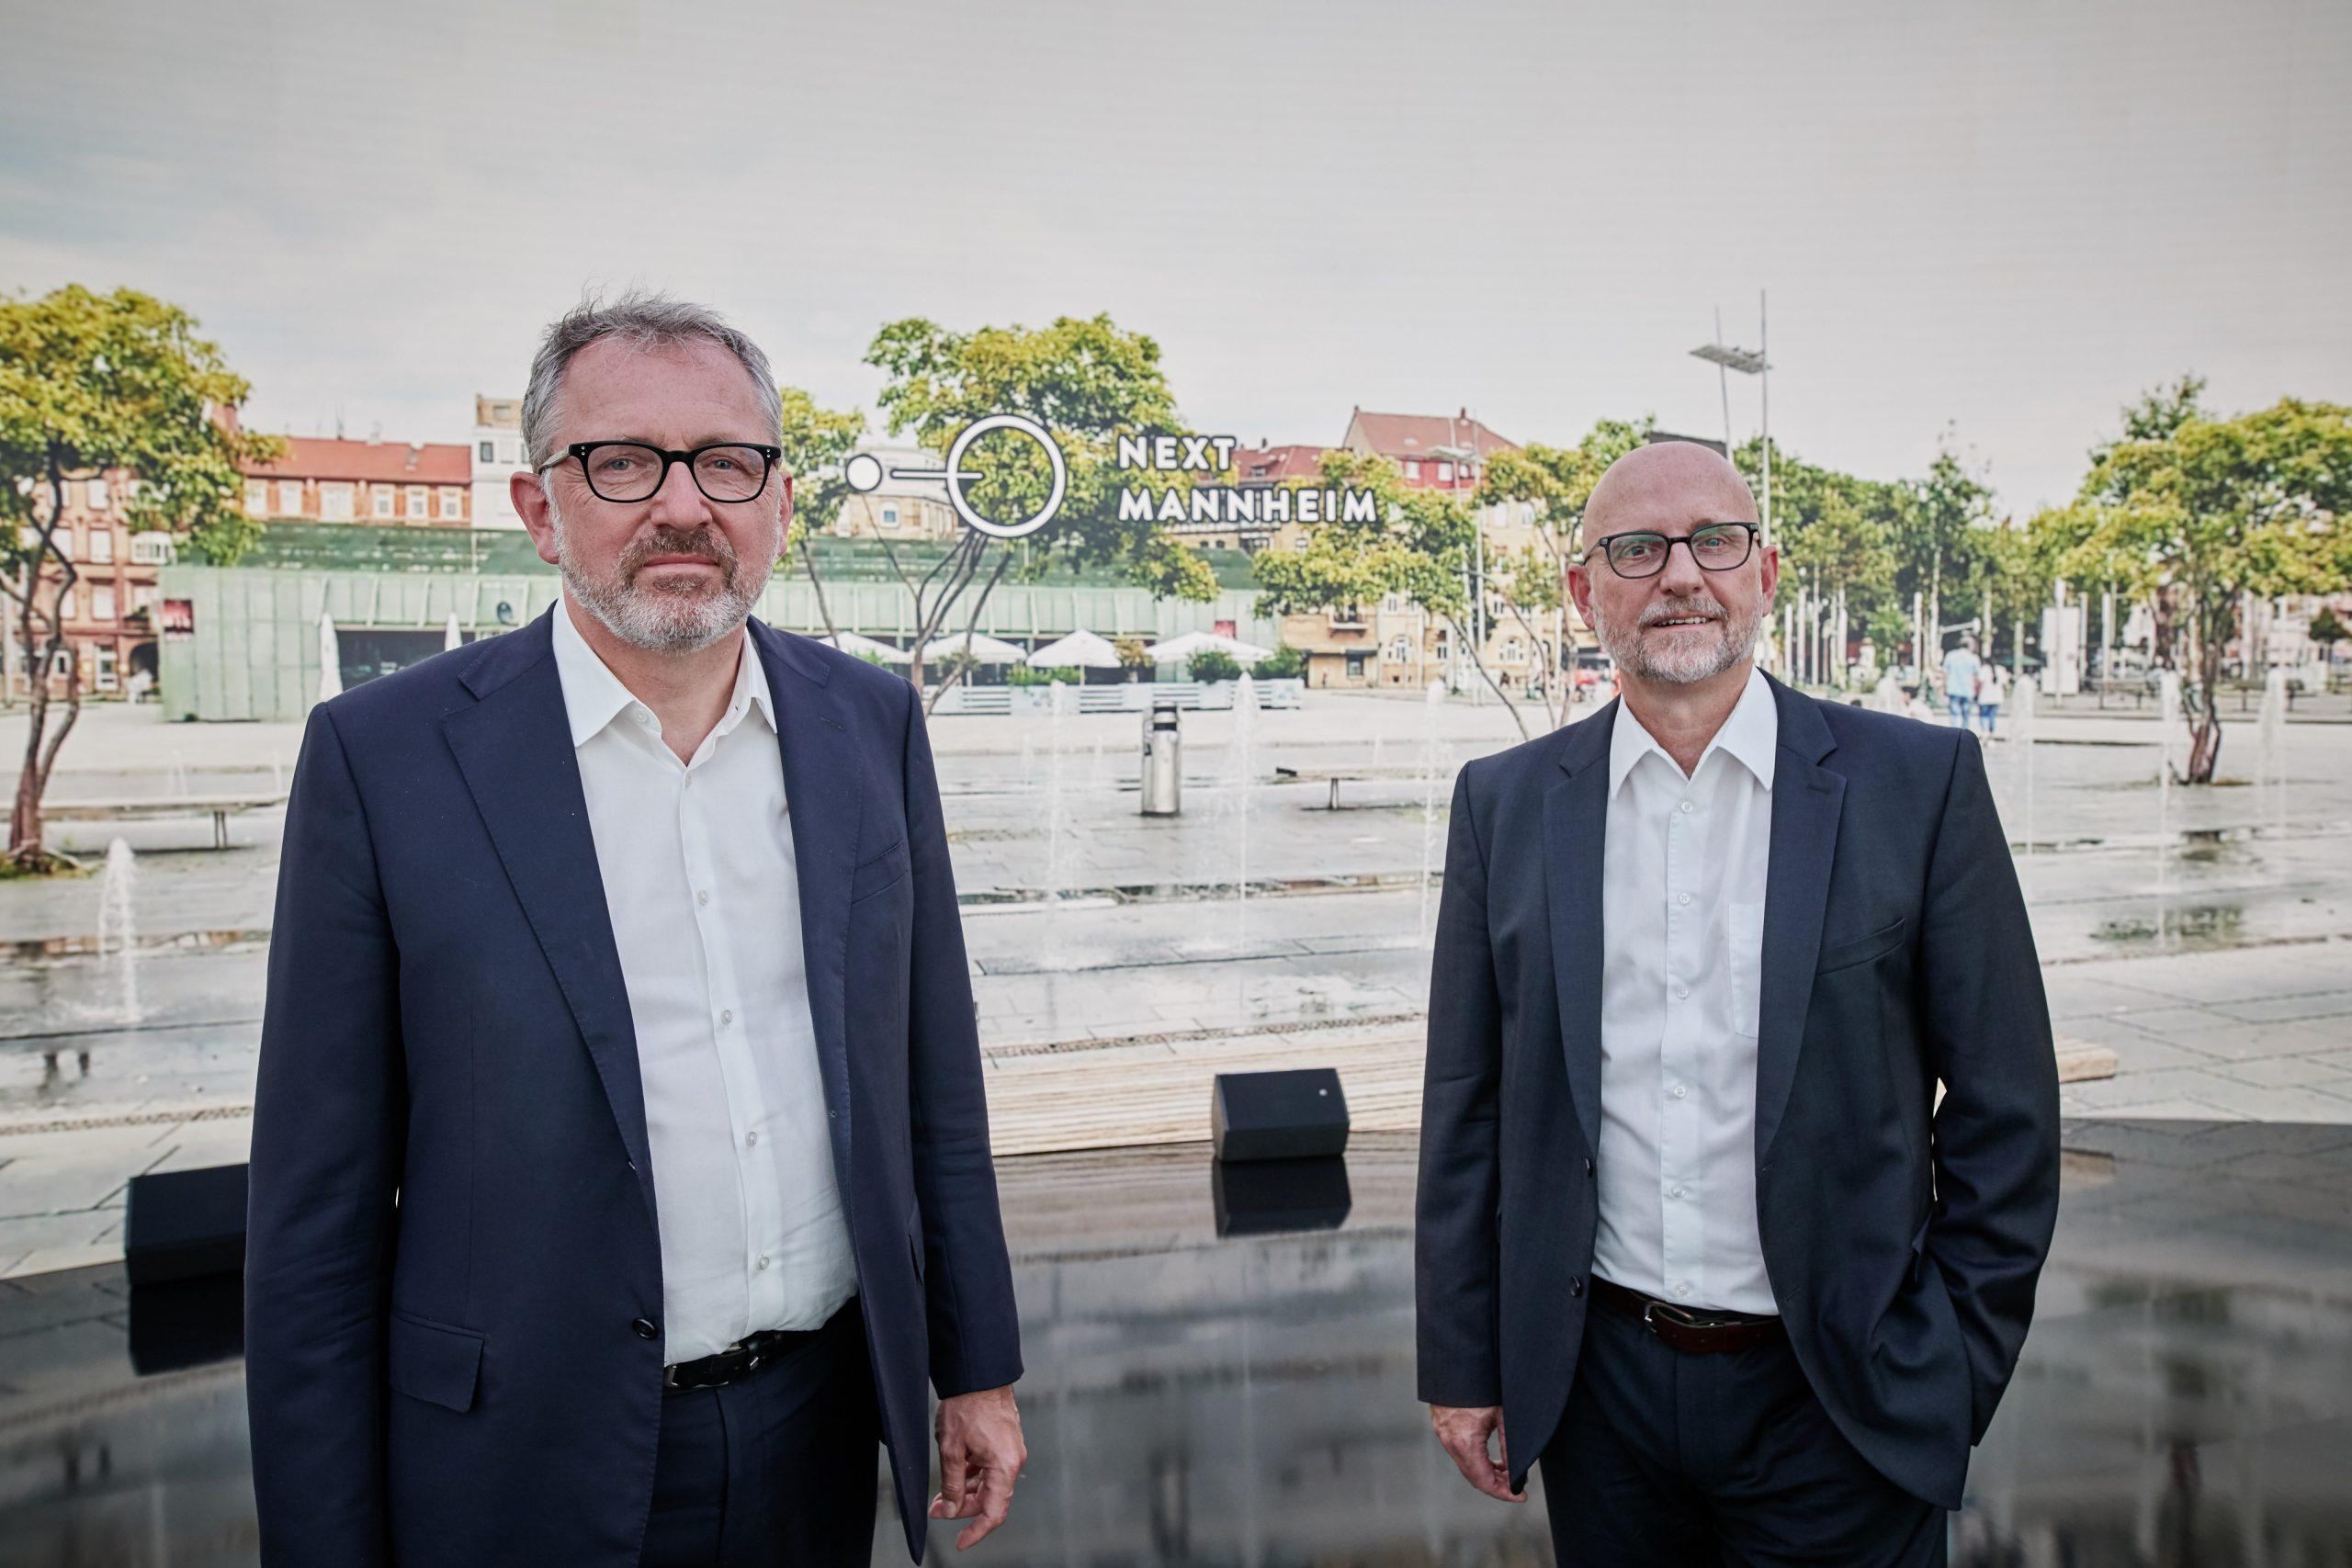 Durch die konsequent umgesetzte Stragtegie von OB Dr. Peter Kurz und NEXT MANNHEIM Geschäftsführer Christian Sommer konnten diese Ziele erreicht werden